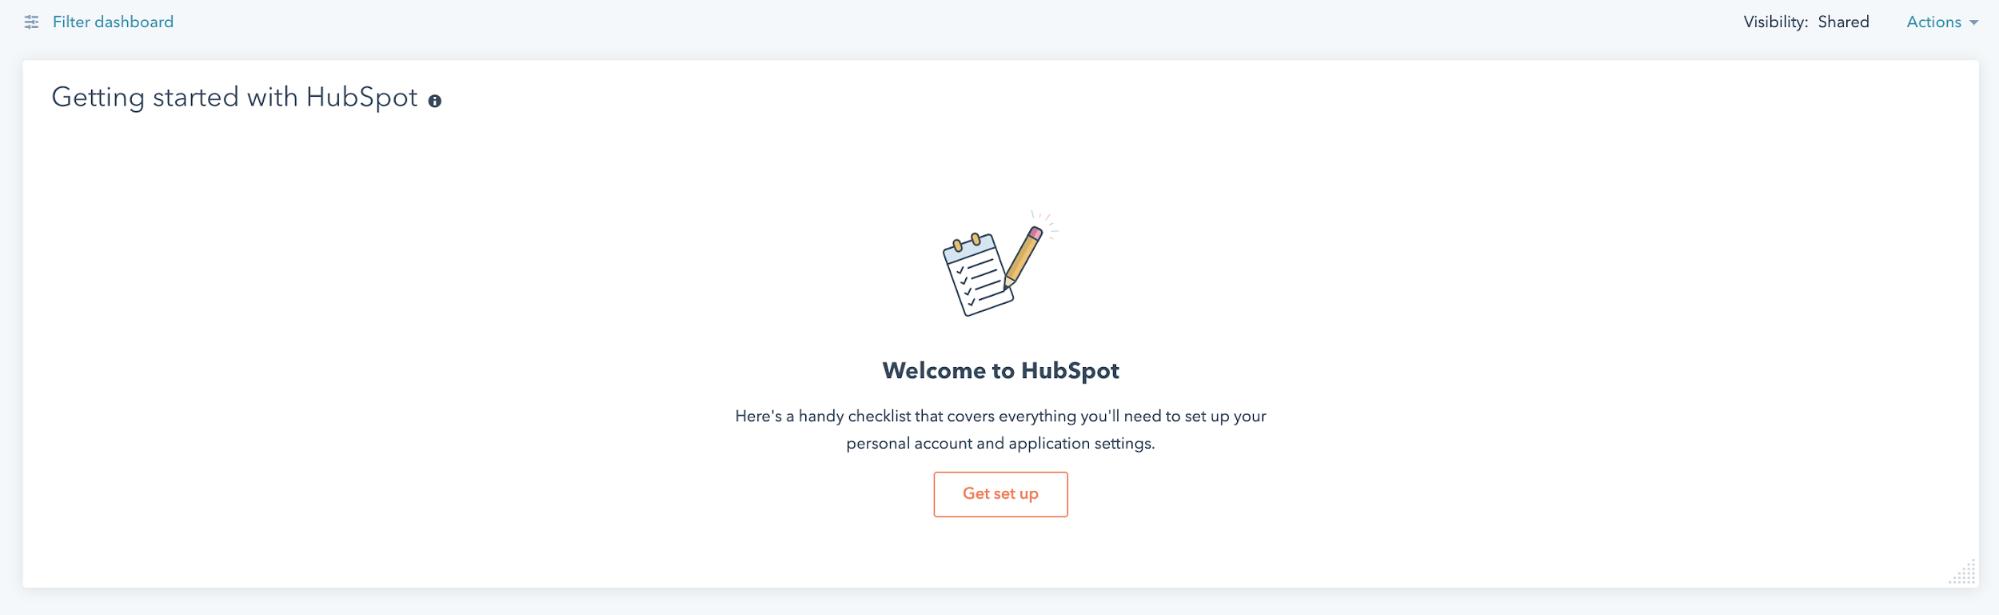 HubSpot setup